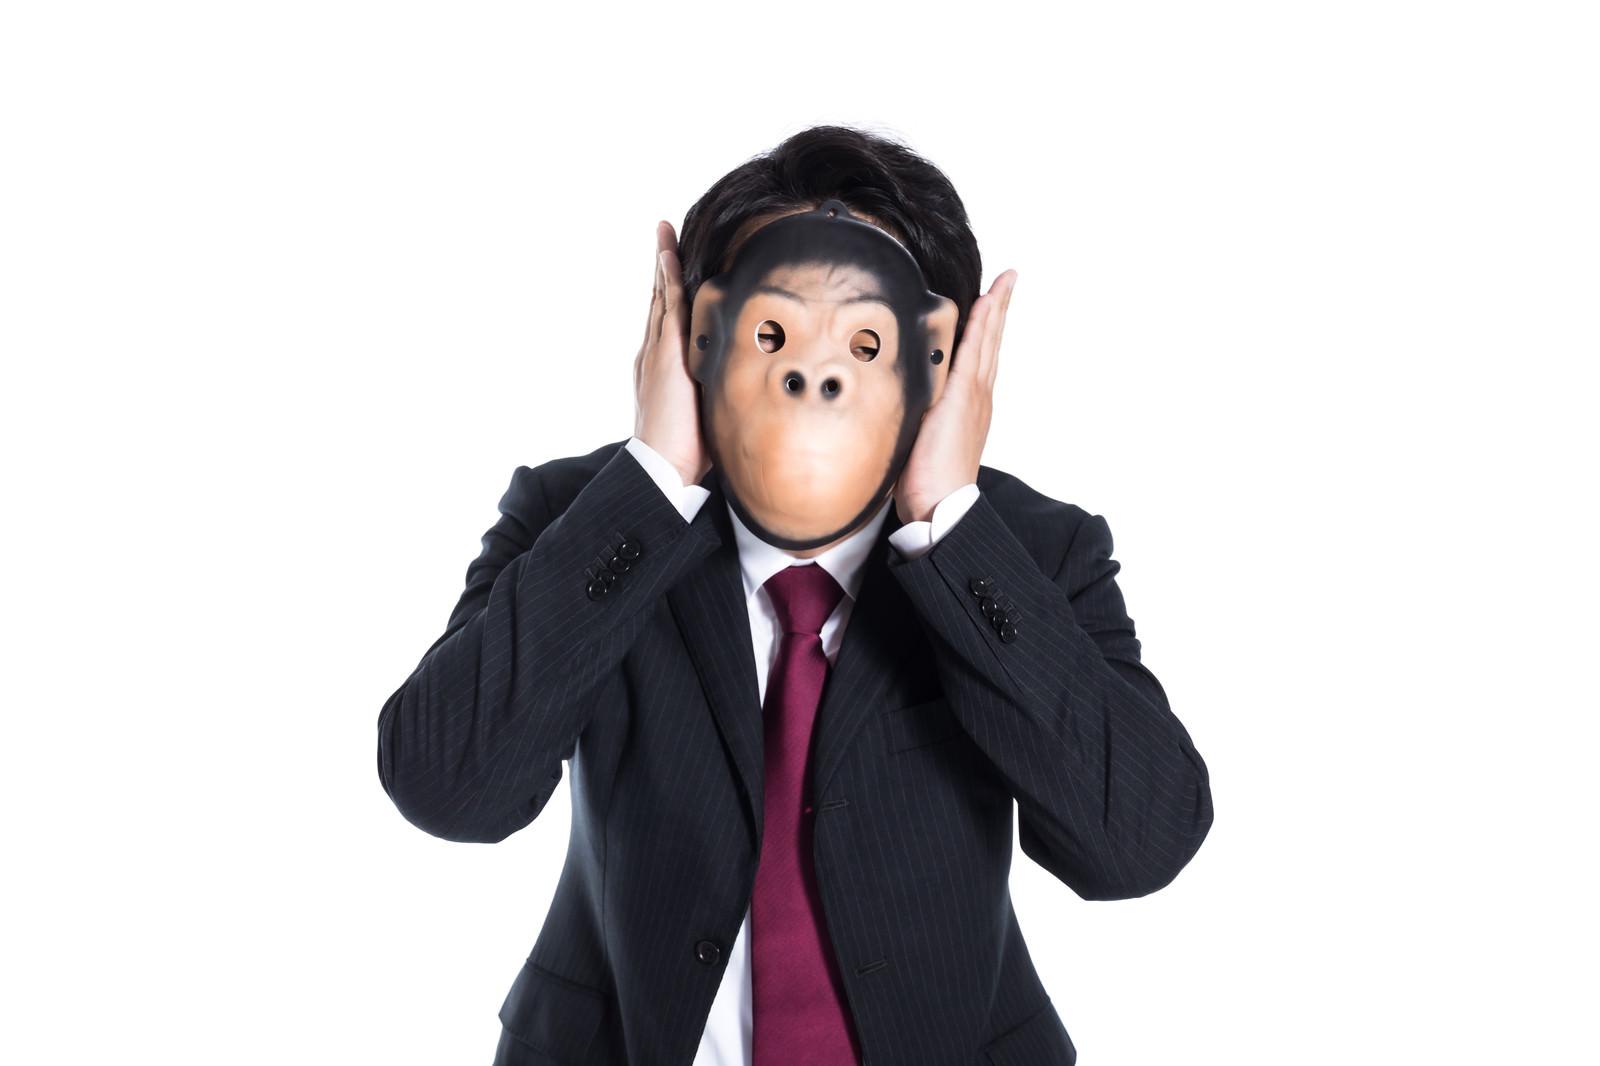 「聞かざる」の写真[モデル:大川竜弥]